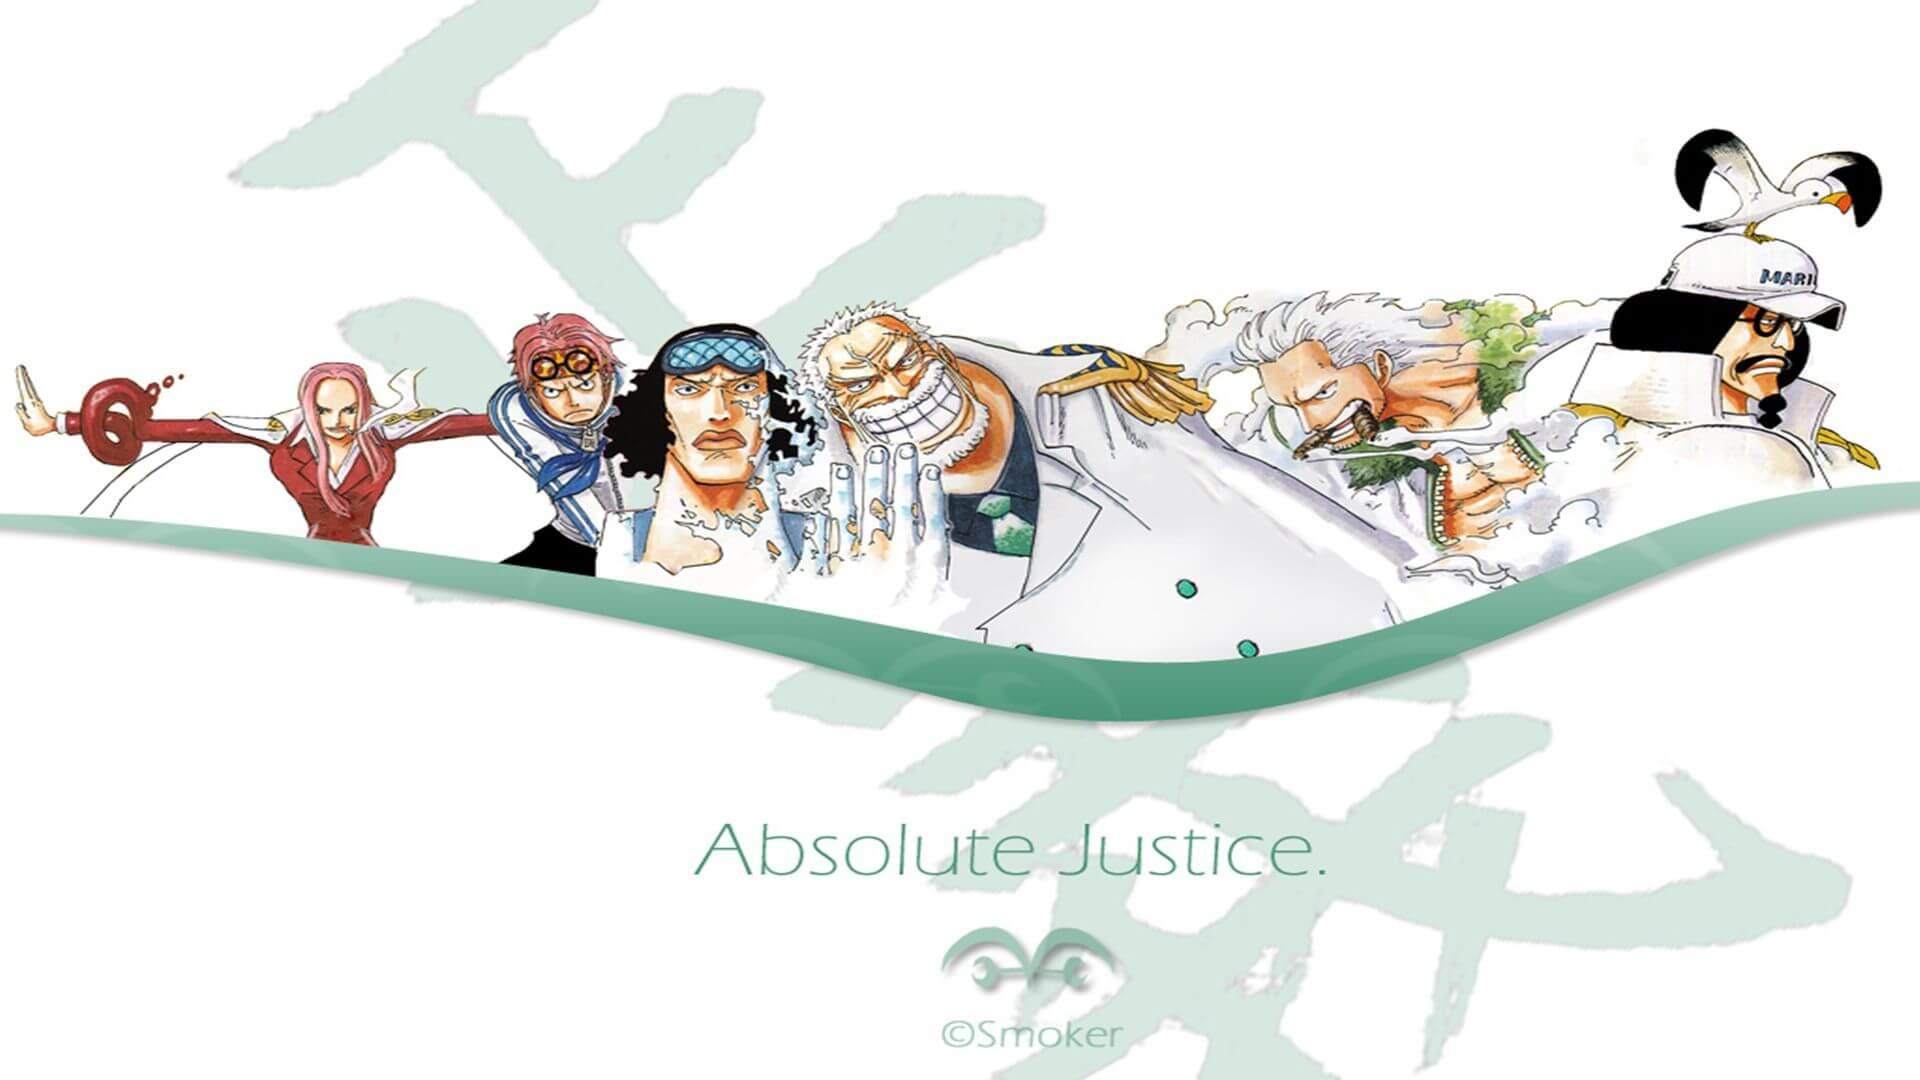 One Piece 高画質版 ワンピースの壁紙 画像のまとめ